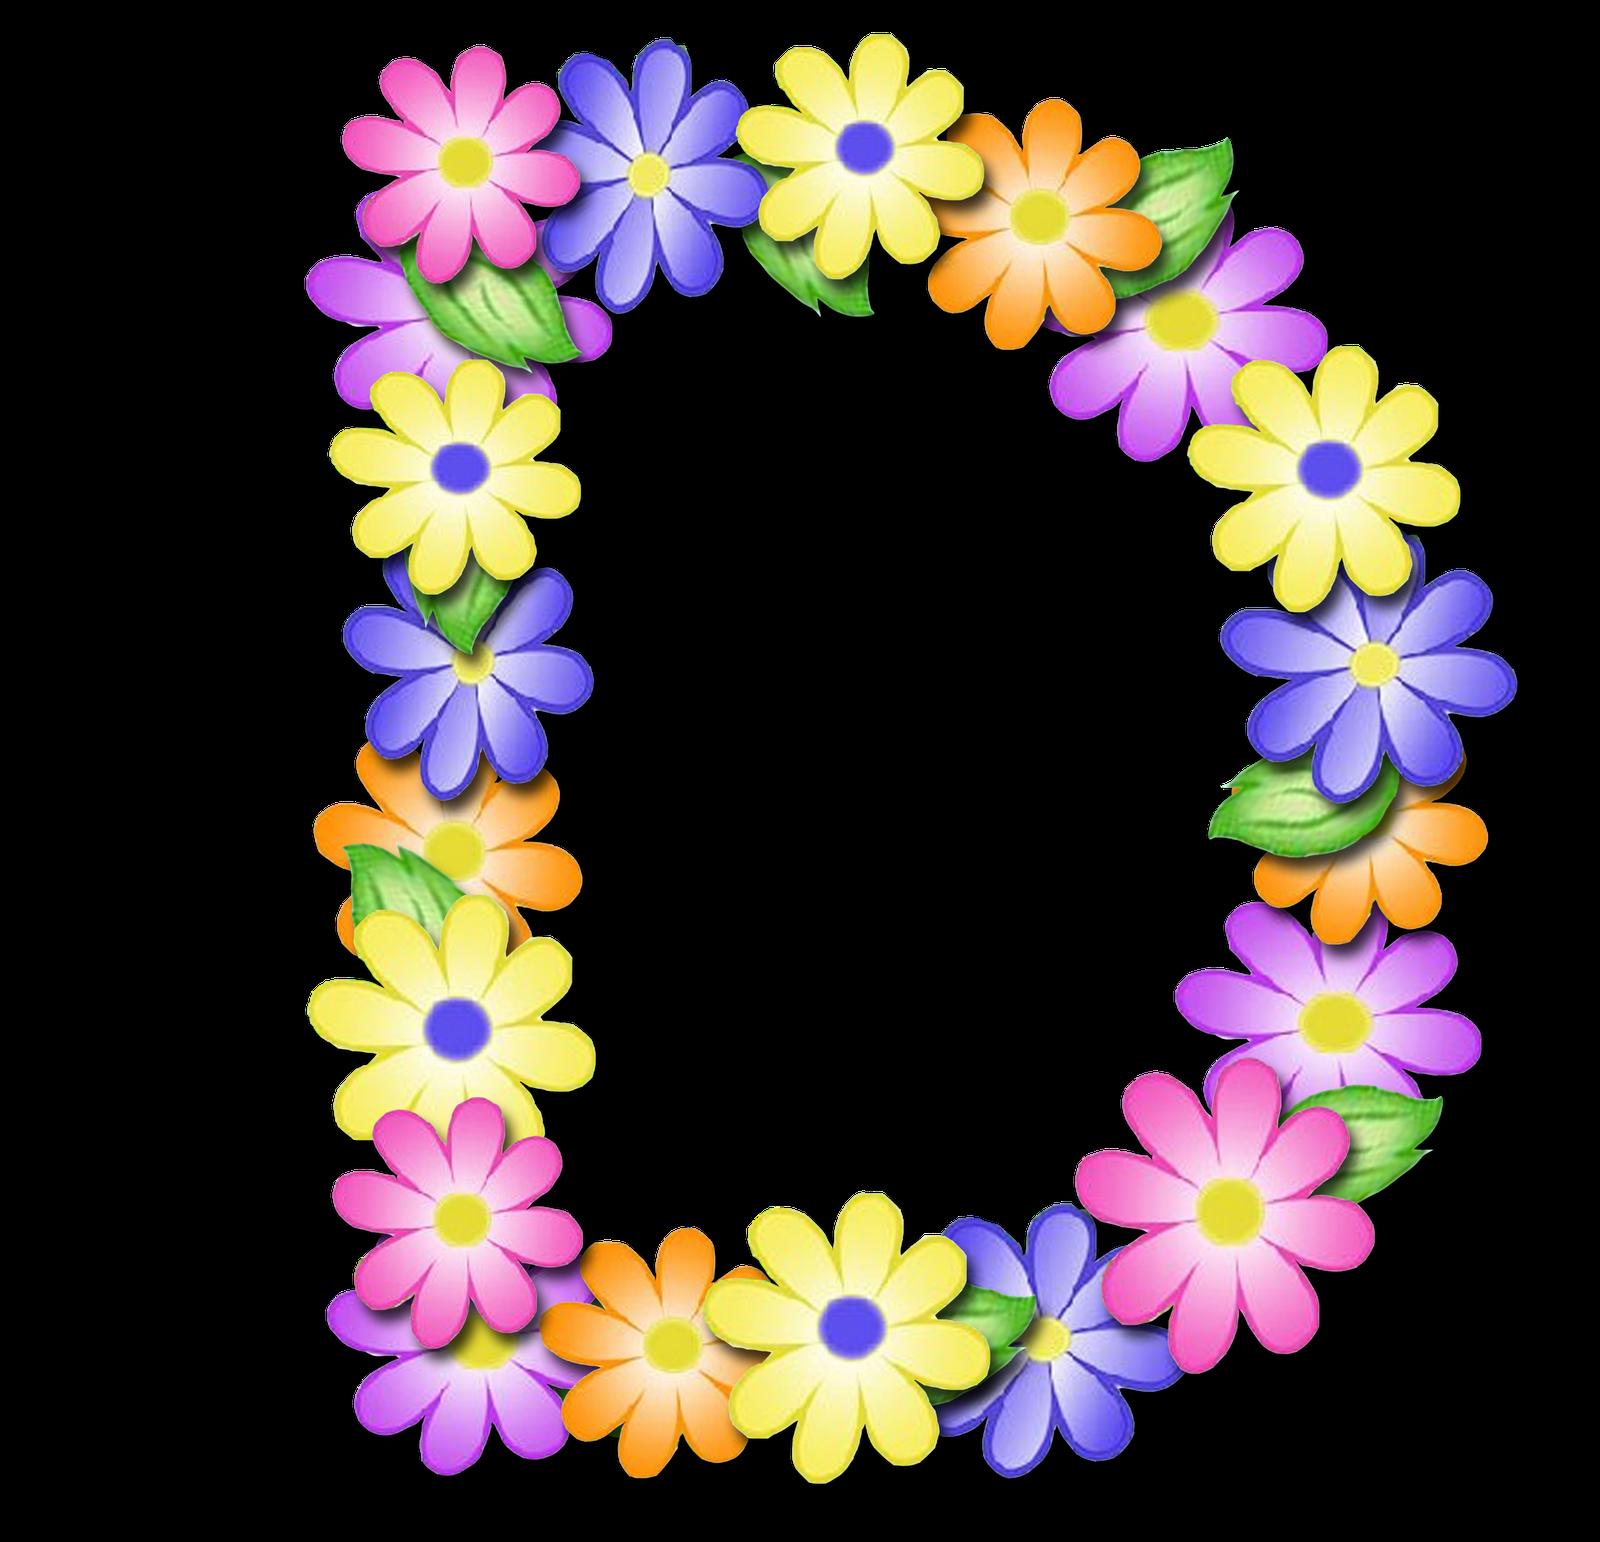 صور الحروف الإنجليزية بأجمل الزهور والورود بخلفية شفافة بنج png وجودة عالية للمصممين :: إبحث عن حروف إسمك بالإنجليزية D